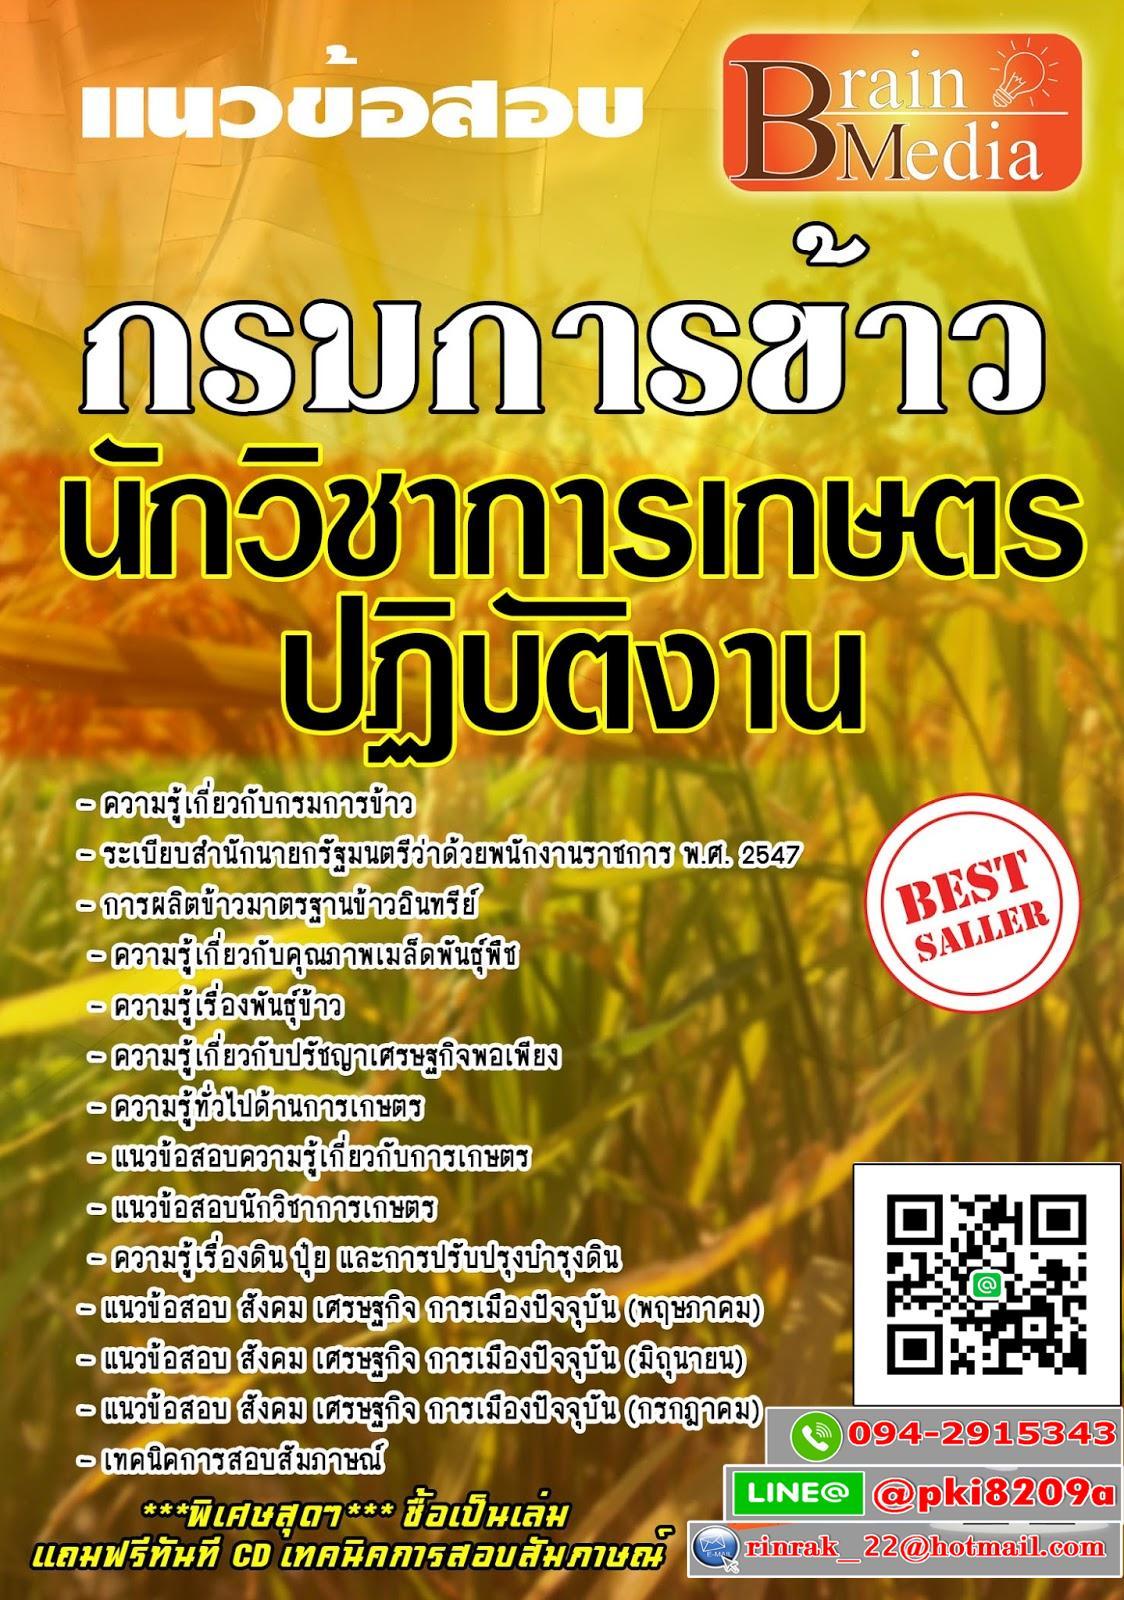 สรุปแนวข้อสอบ นักวิชาการเกษตรปฏิบัติงาน กรมการข้าว